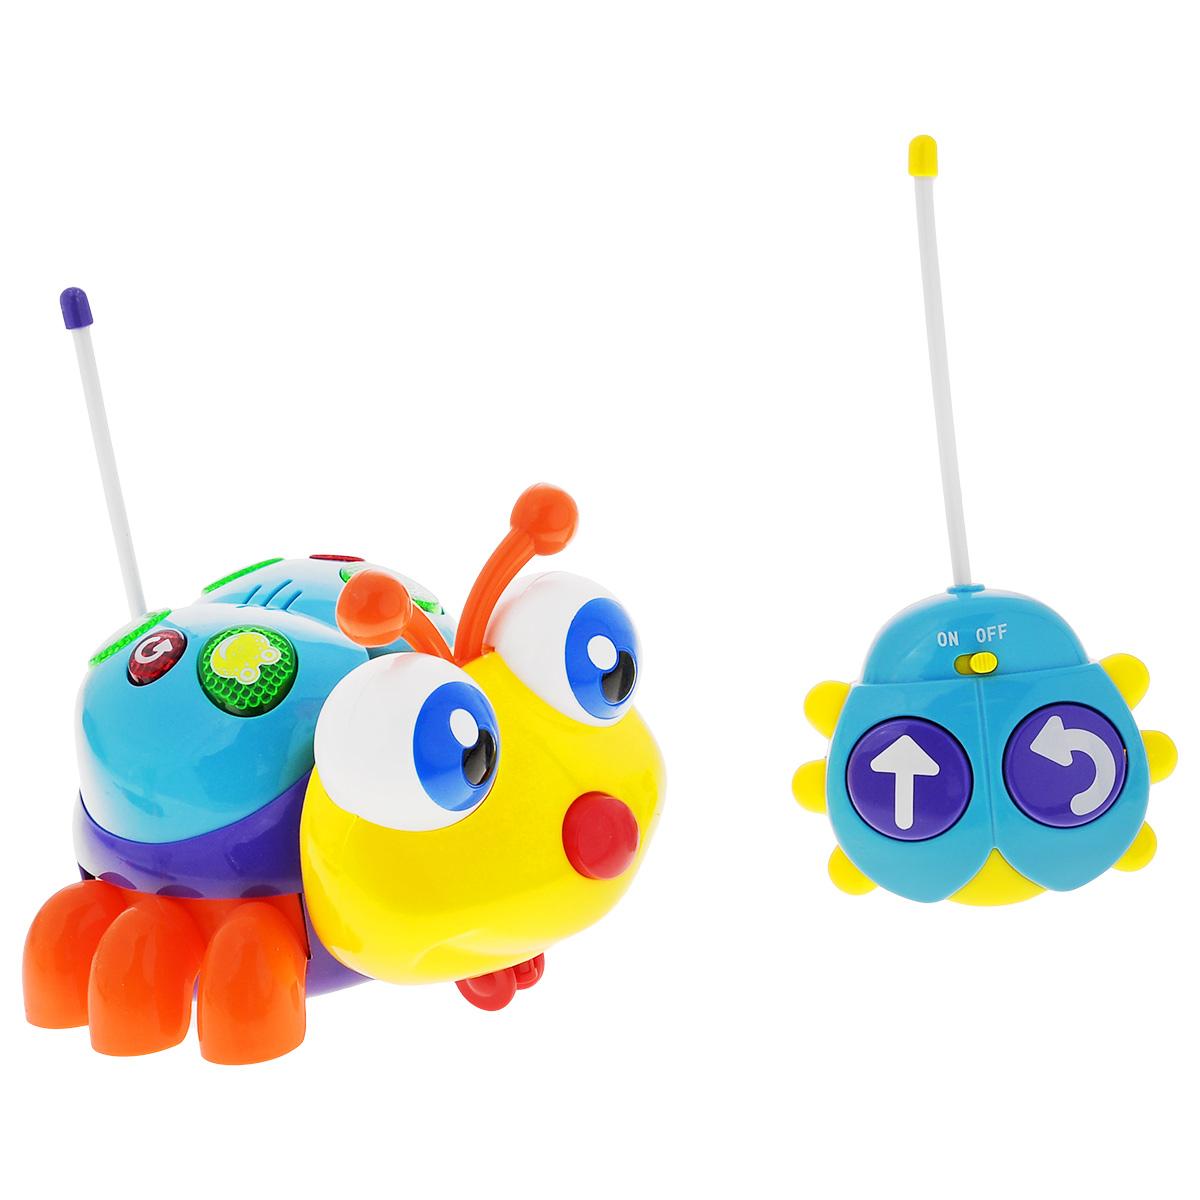 """Развивающая игрушка Малышарики """"Солнечный жучок"""" выполнена в ярком дизайне из высококачественных и безопасных для детской игры материалов. Яркий и красочный жучок на радио-управлении непременно порадует малыша и станет ему добрым другом. Игрушка движется вперед и вращается по кругу со звуковыми и световыми эффектами. Спинка жучка снабжена кнопками, которые издают звуки животных. Игрушка """"Солнечный жучок"""" развивает мелкую моторику и слуховое восприятие малыша, а также его логическое мышление. Играя с радио-управляемым жучком, ребенок учится концентрировать внимание. Рекомендуемый возраст: 1-3 года. Для работы игрушки необходимы 4 батарейки напряжением 1,5V типа АА, для работы пульта управления - 2 батарейки напряжением 1,5V типа АА (не входят в комплект)."""